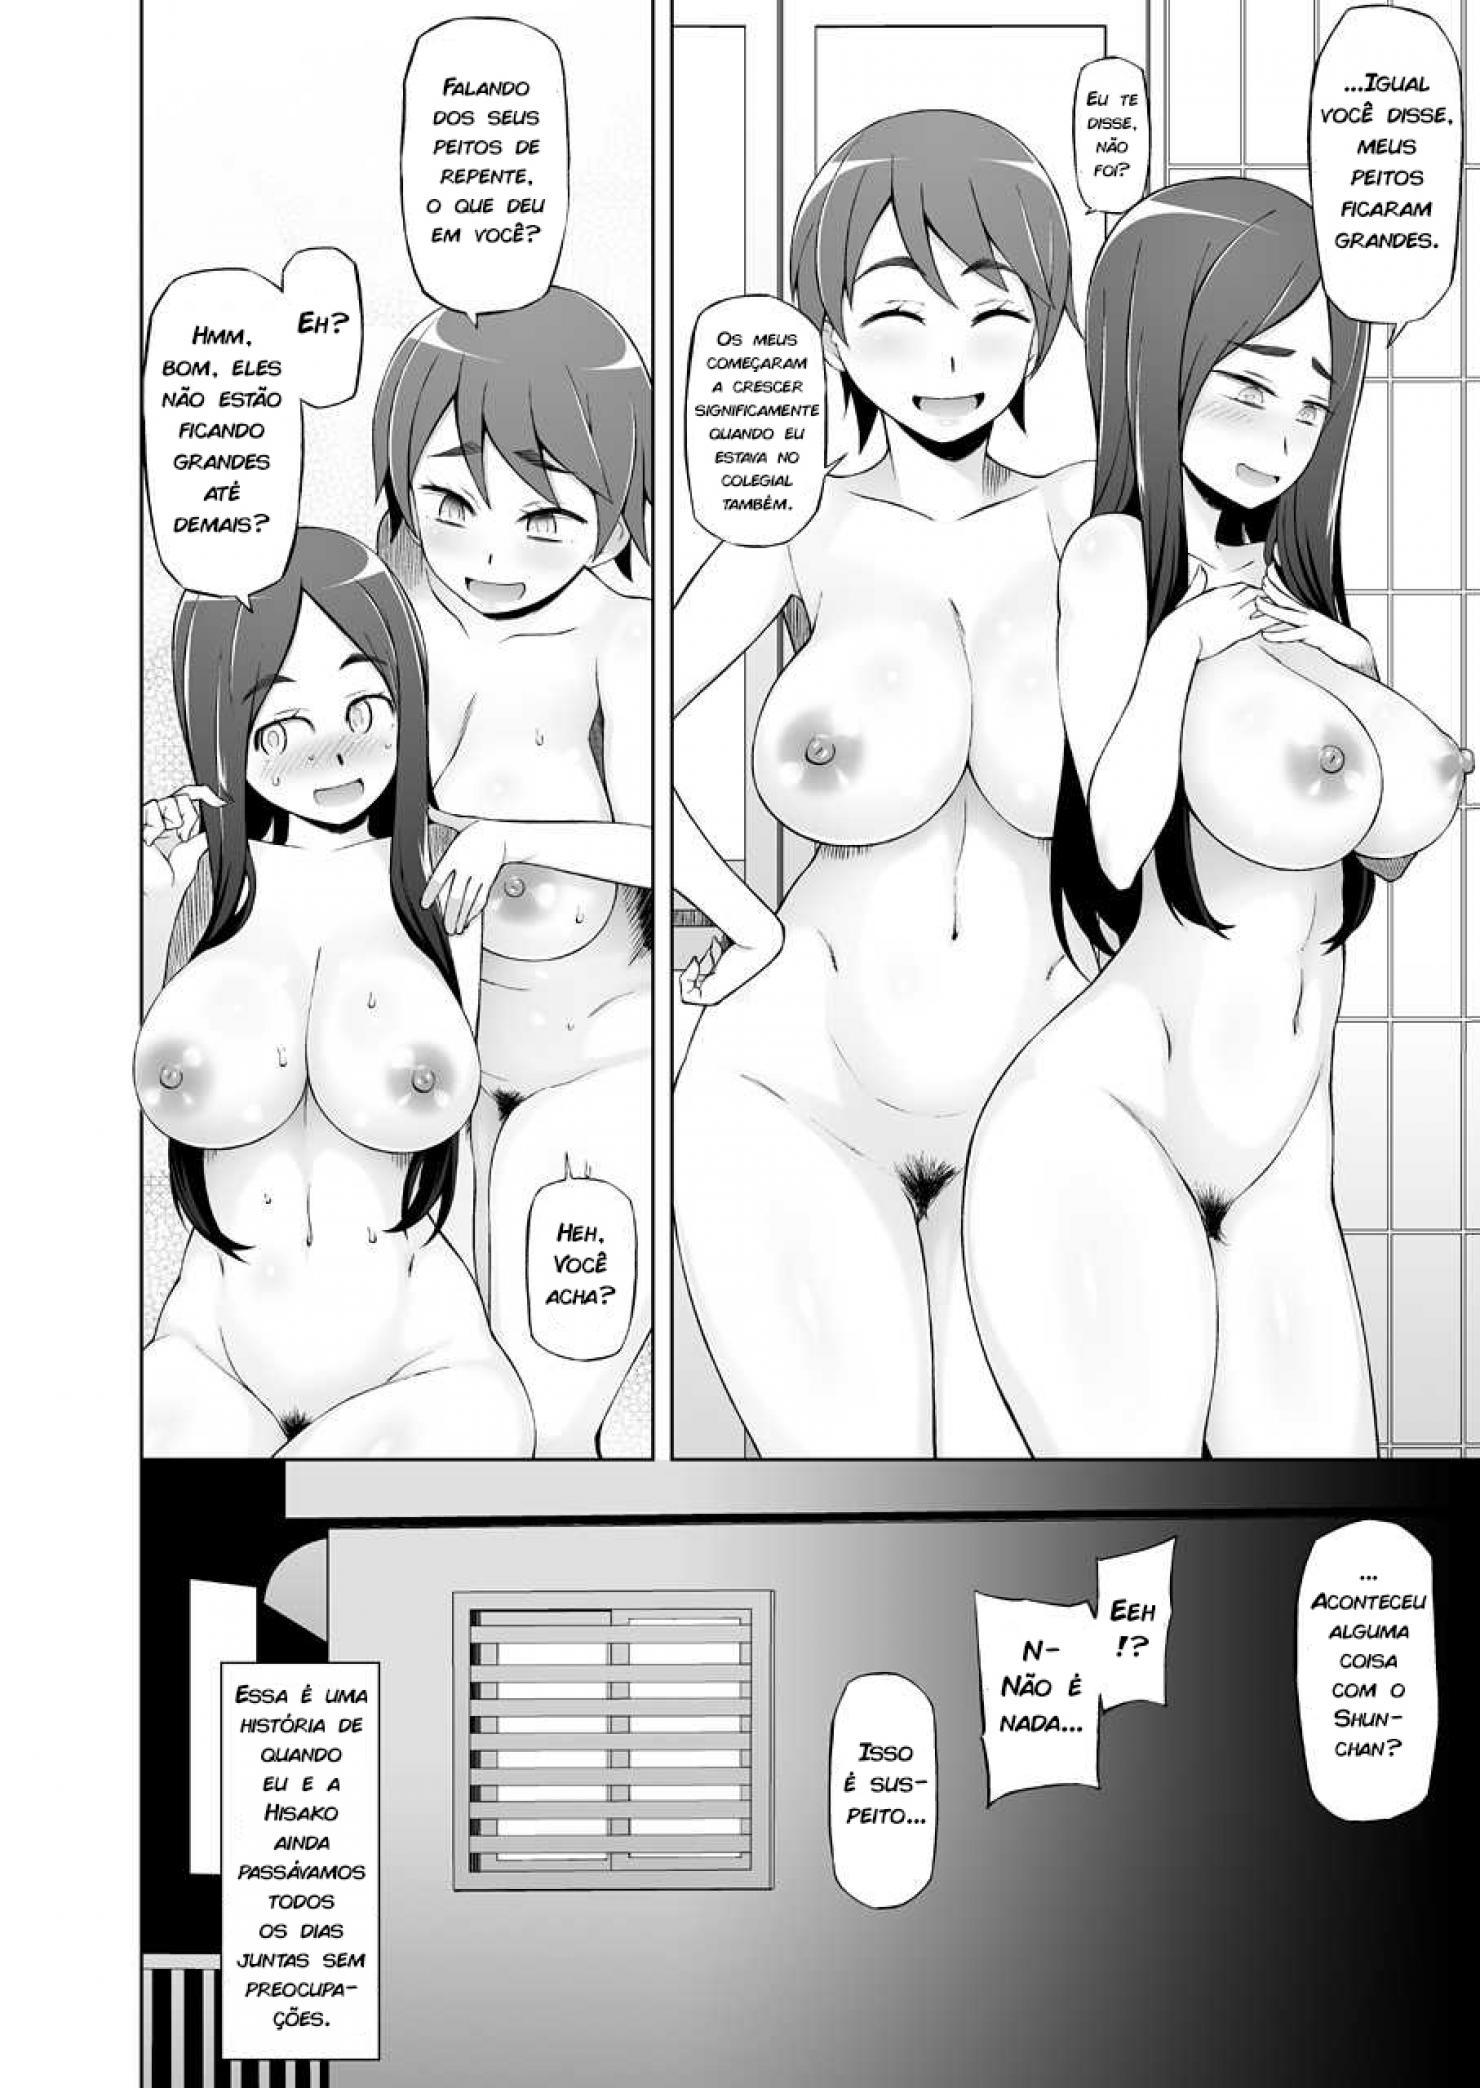 pagina_77 Use o navegador Google Chrome para leitura. Tudo mais RÁPIDO!!!!